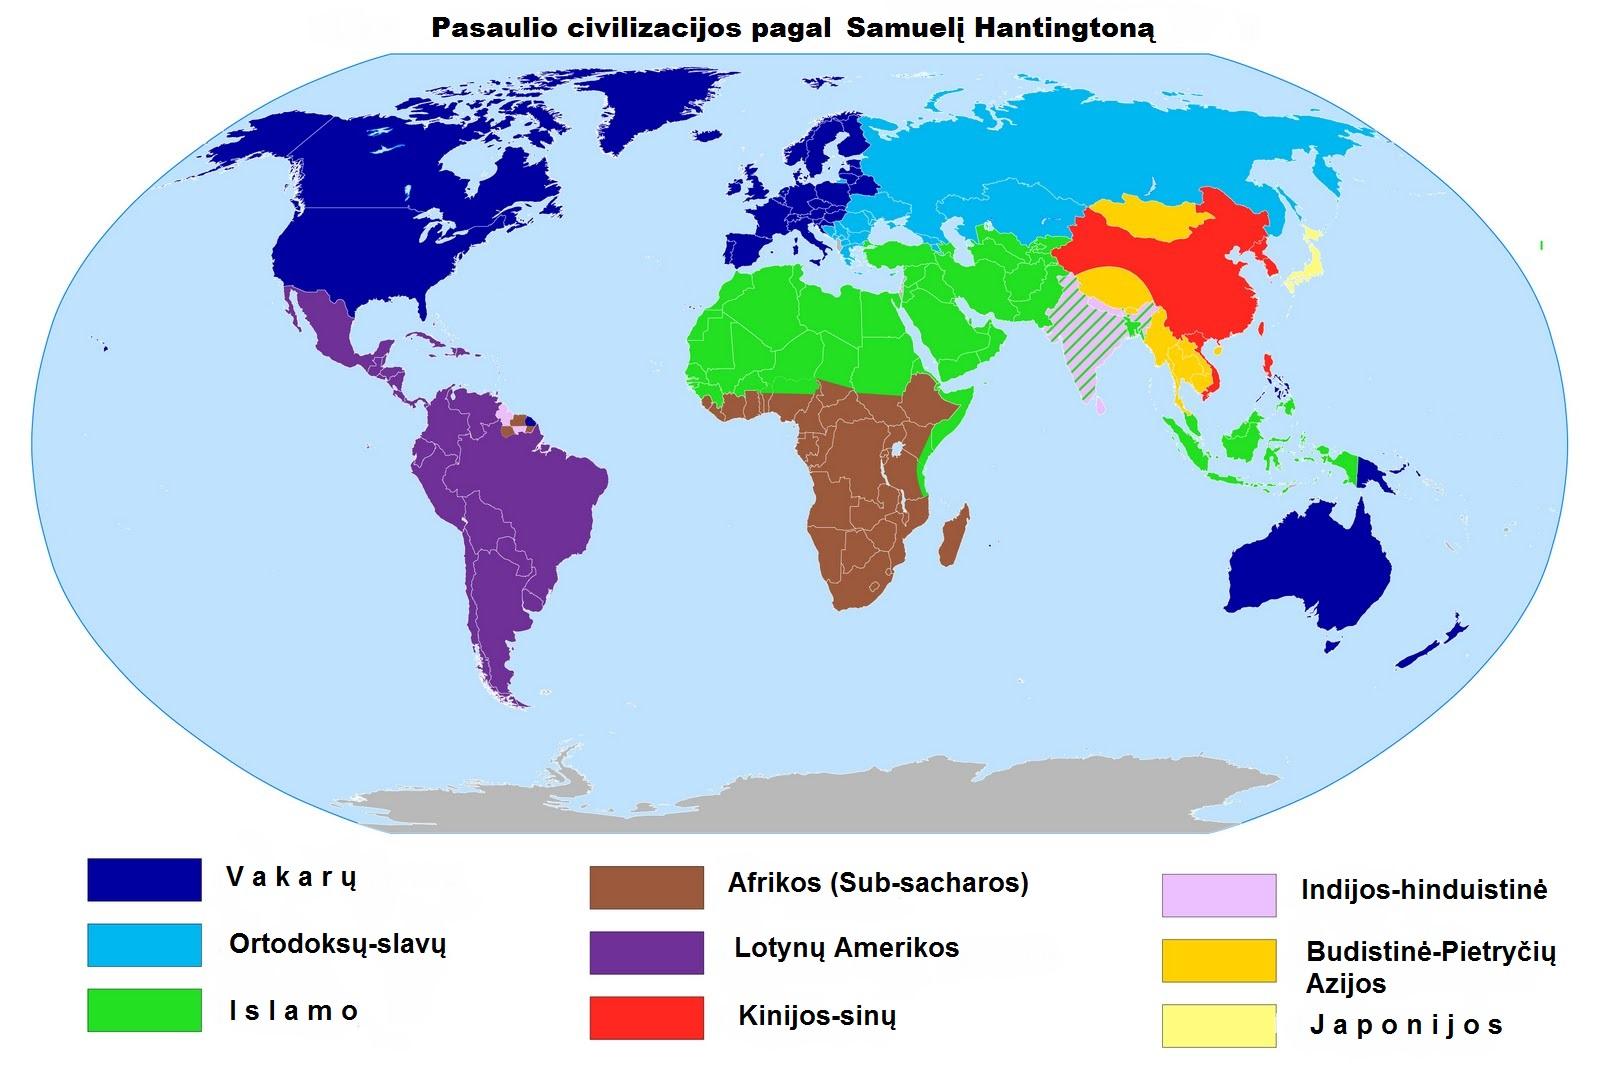 Pasaulio civilizacijos pagal Samuel Huntington